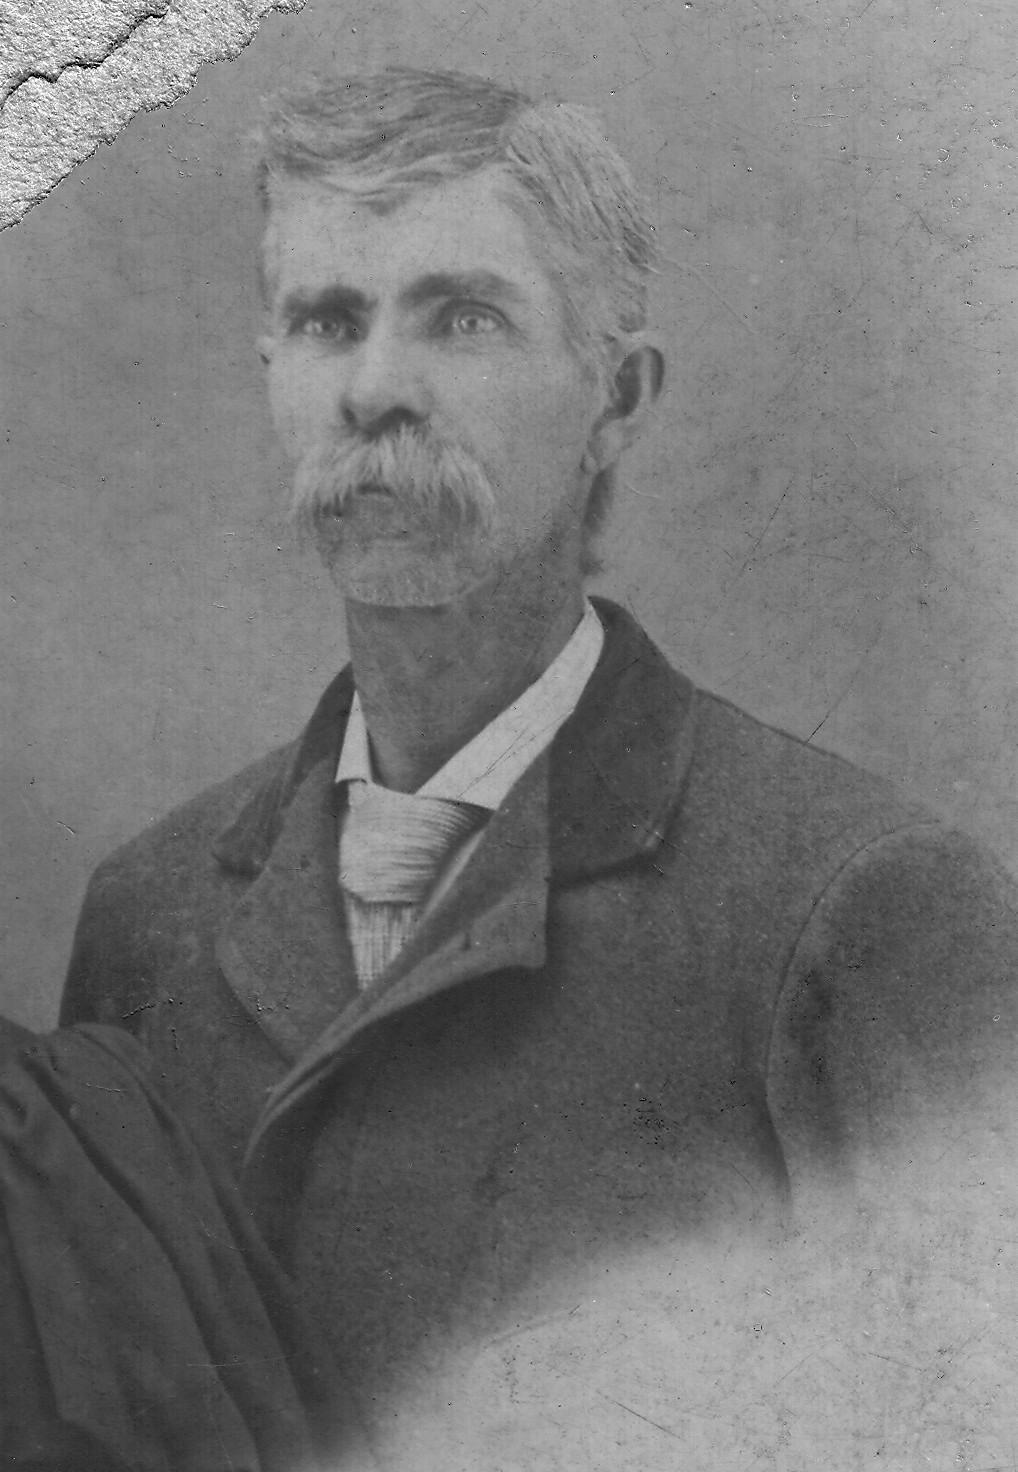 William A Tate